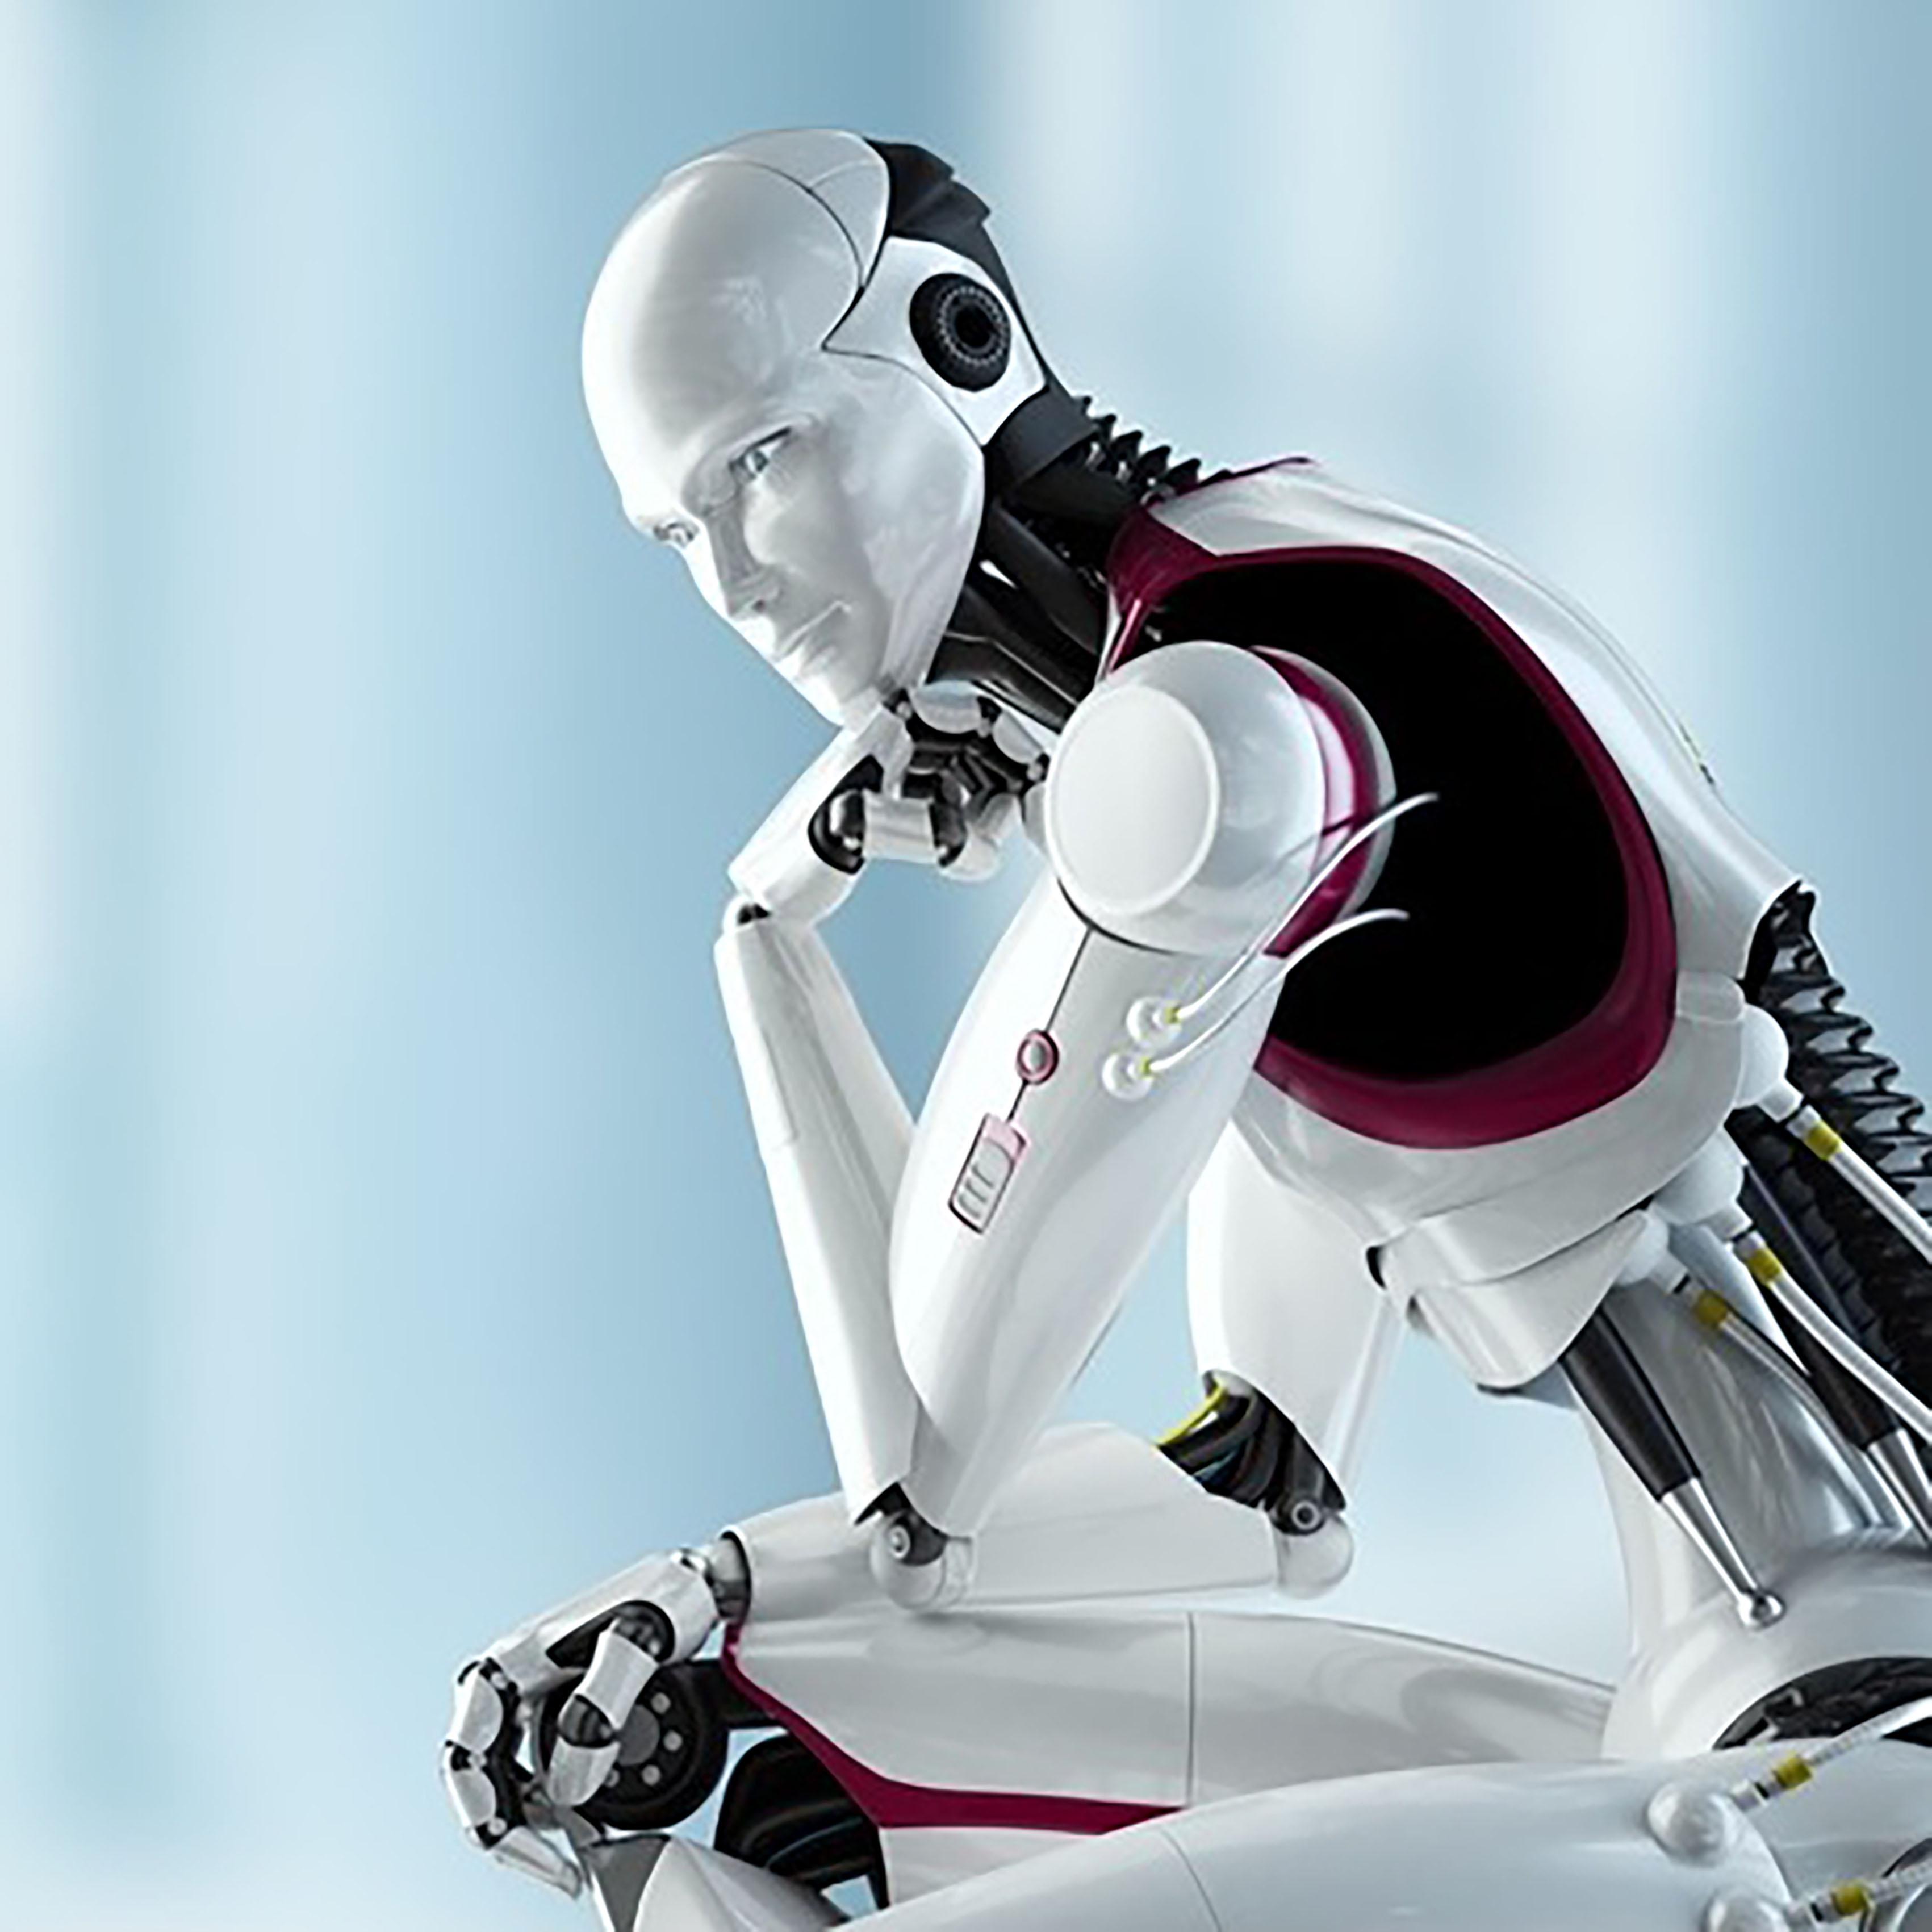 小売店舗の未来-リテール分野における AI・ロボットの活用-